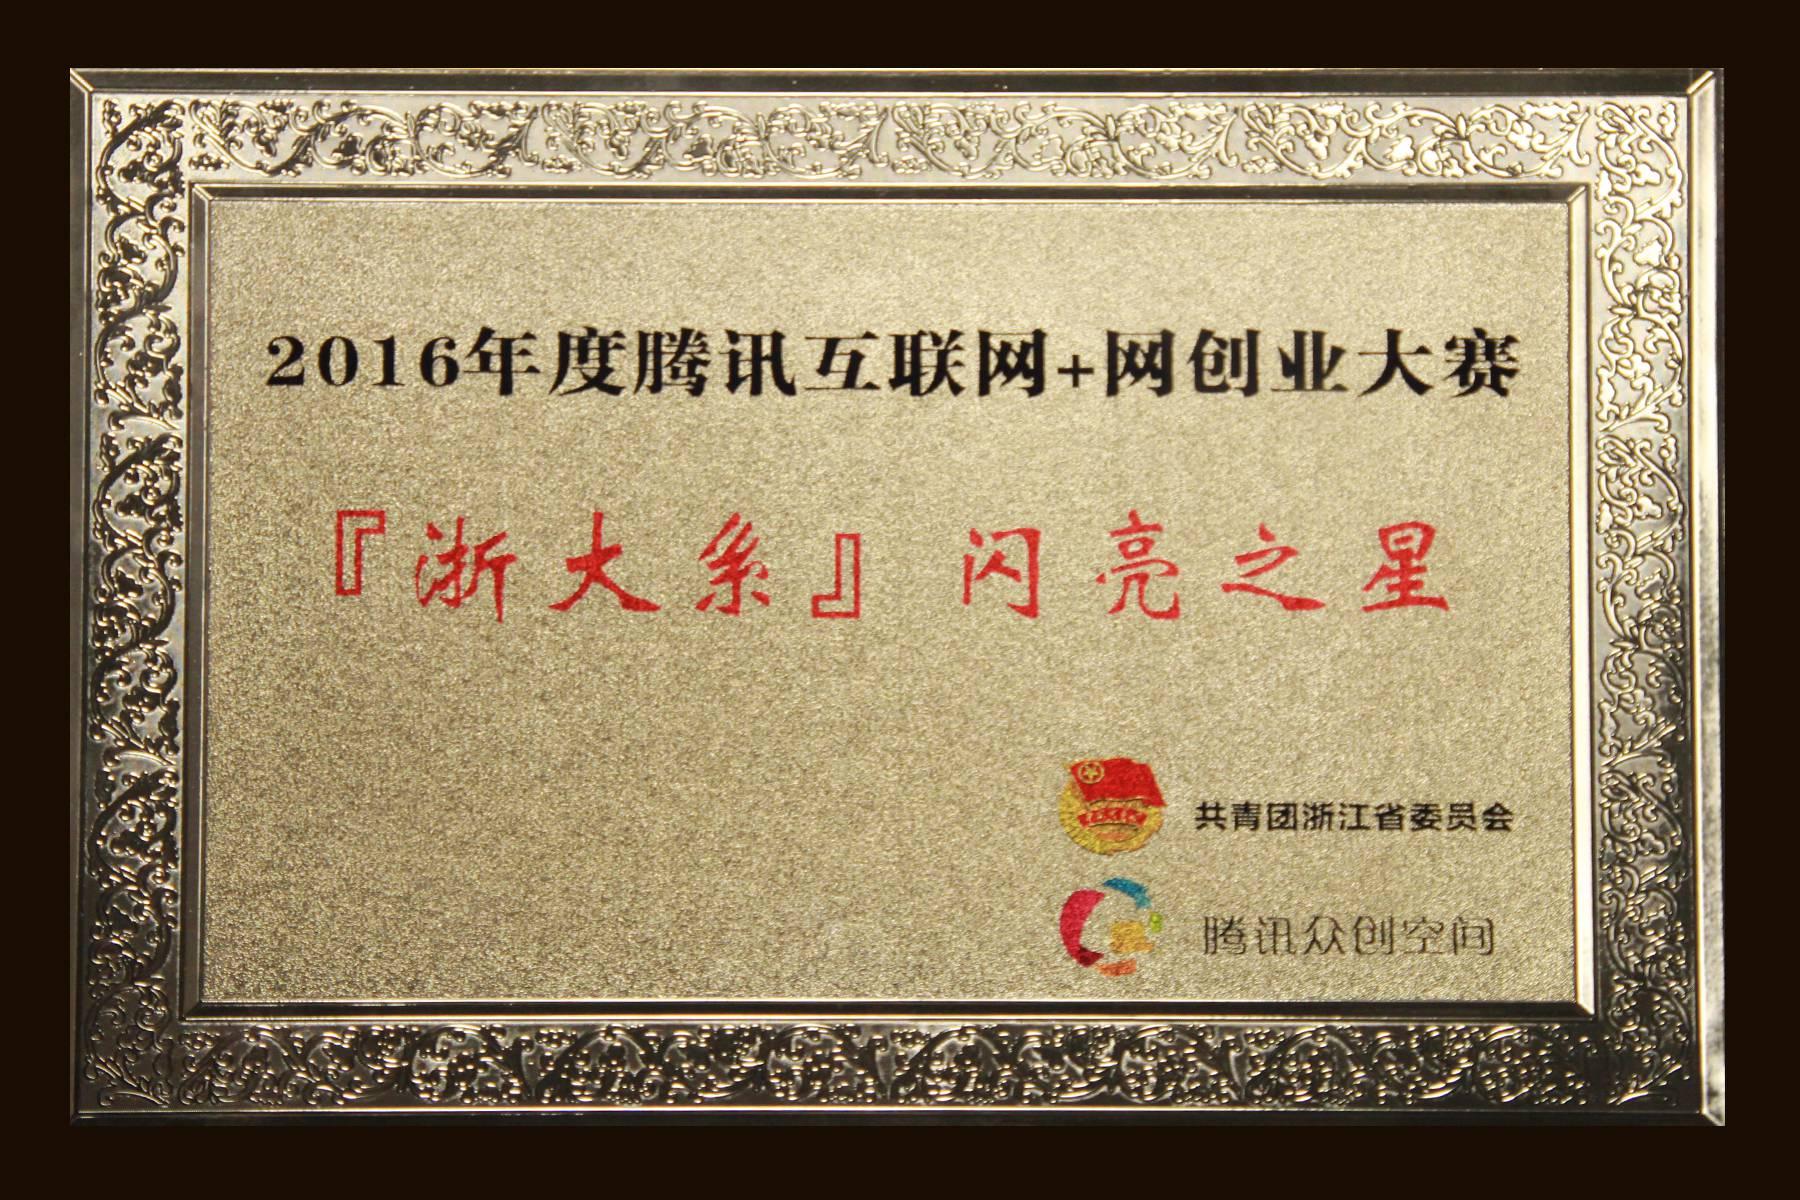 """2016年度腾讯互联网+网创业大赛""""浙大系""""闪亮之星"""